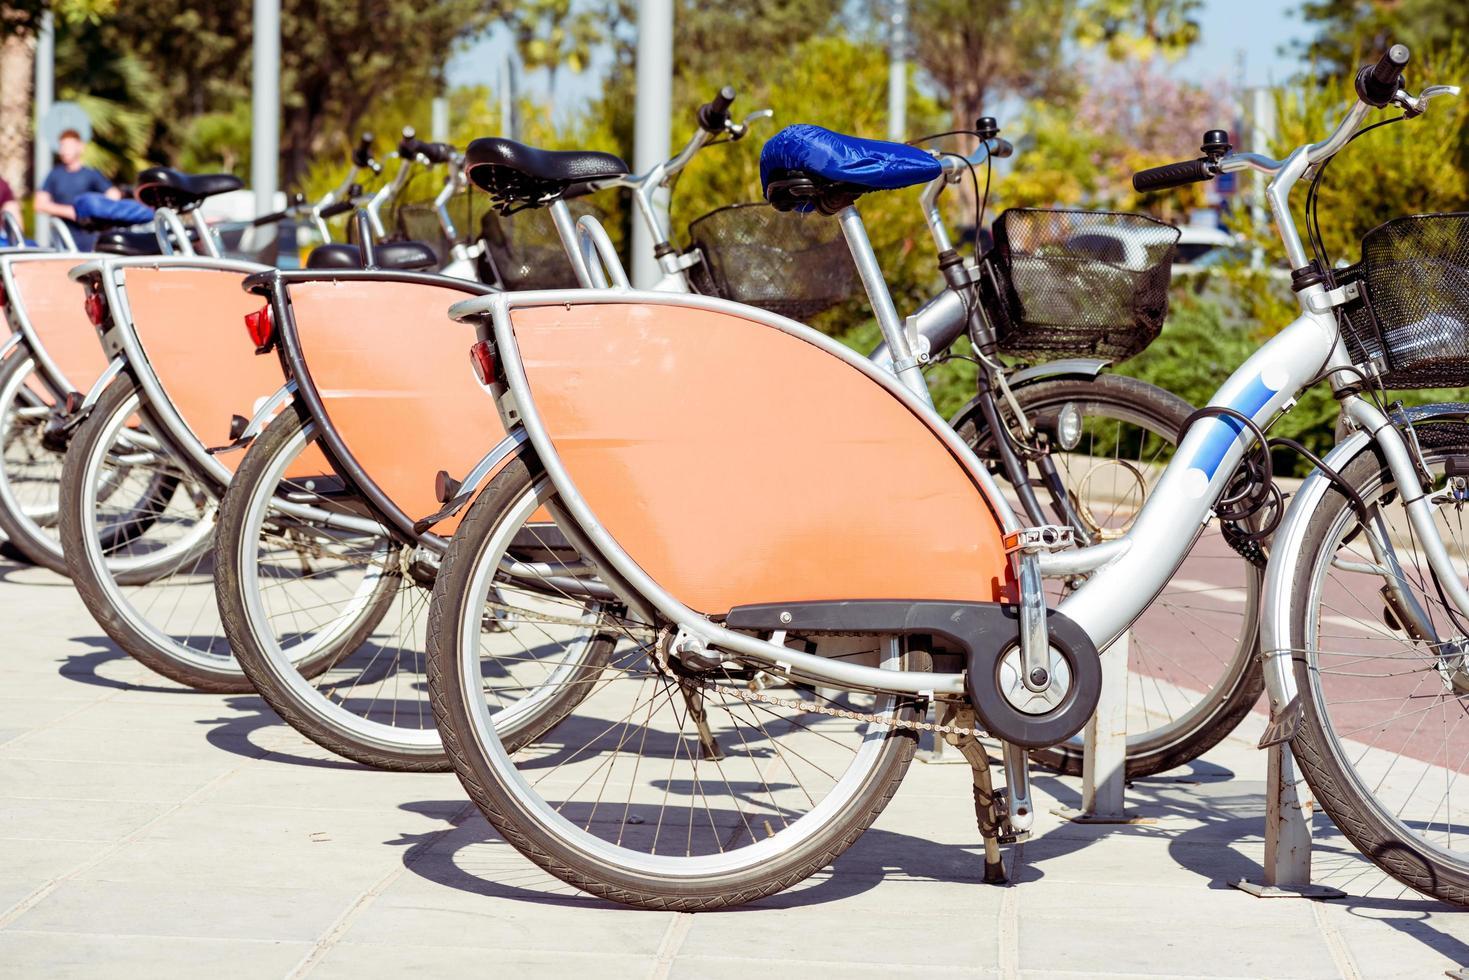 rij geparkeerde fietsen foto